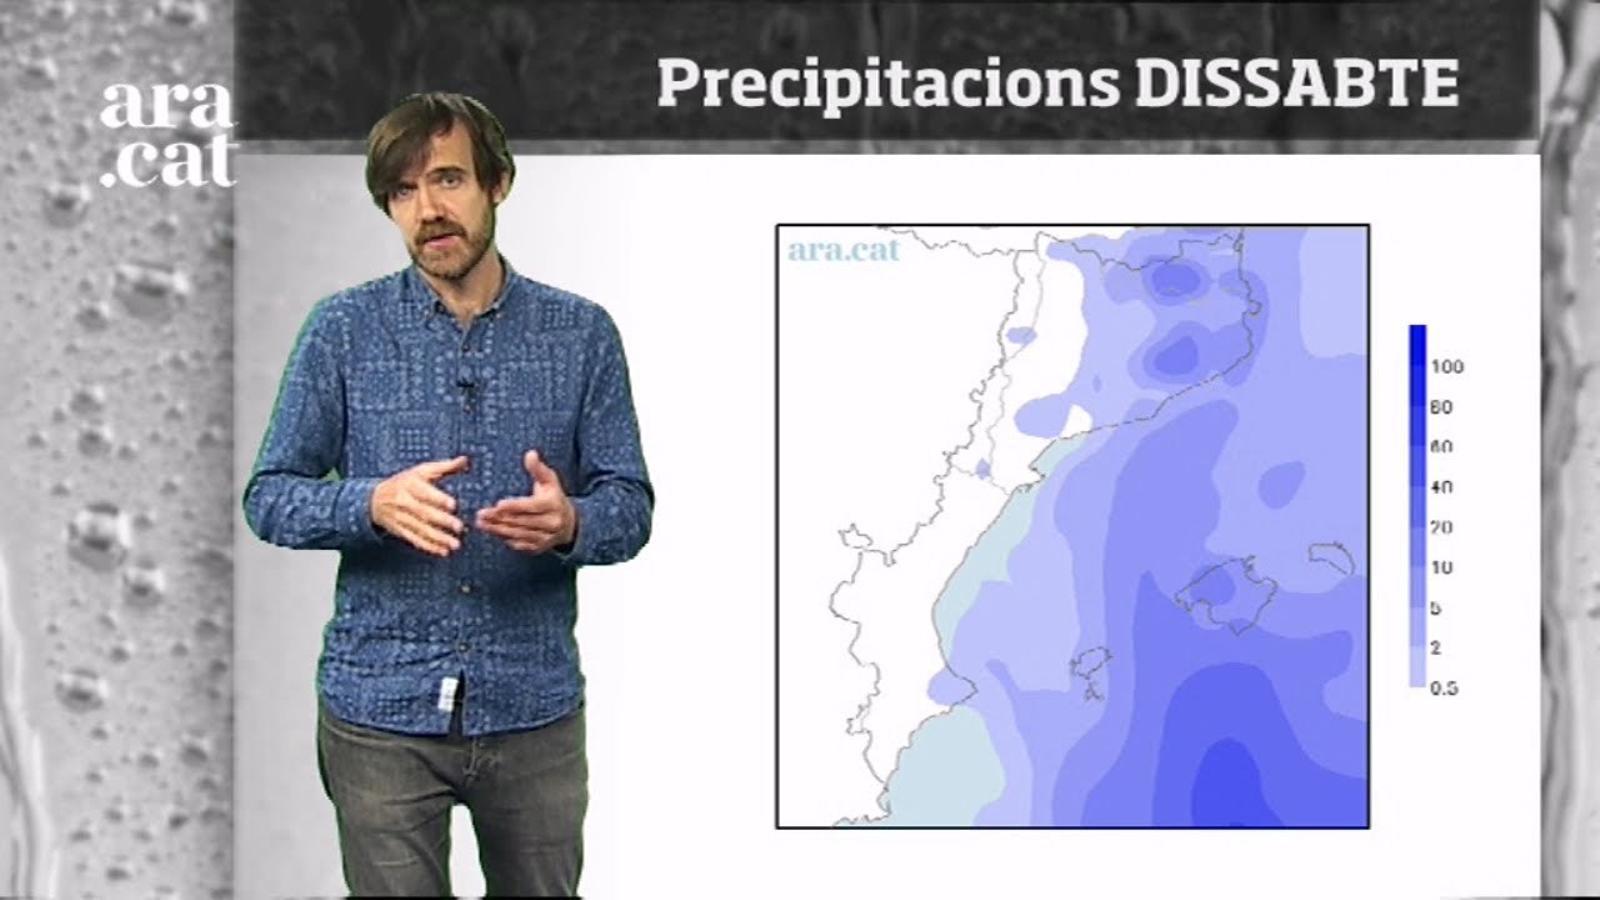 La méteo en 1 minut: dissabte encara amb pluges a l'espera dels migdies càlids